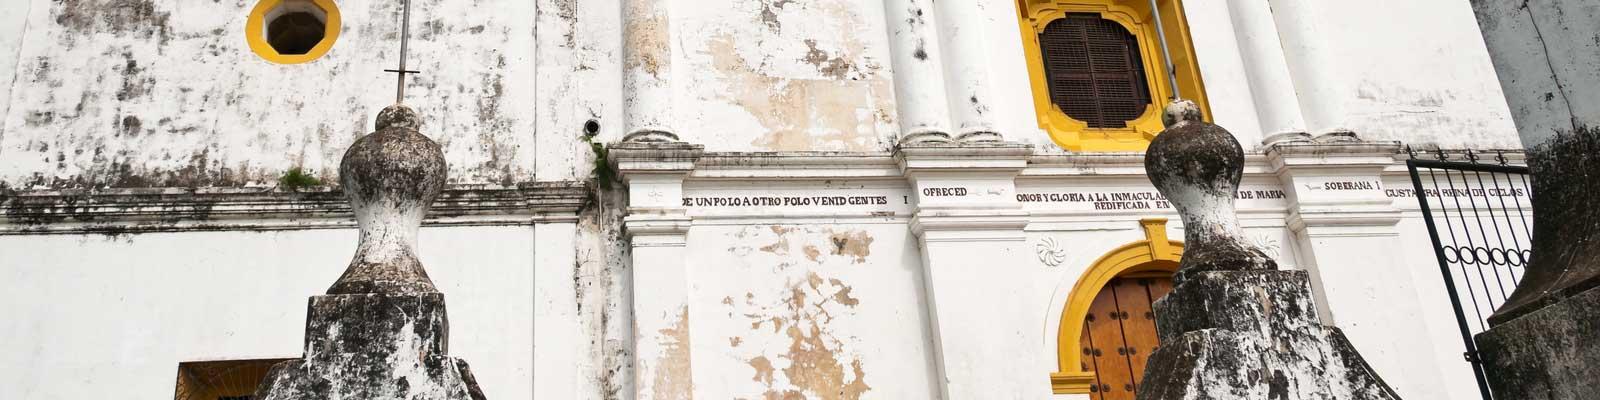 Nicaragua Immobili - Uffici, nuove costruzioni, alberghi - Investimenti di valore